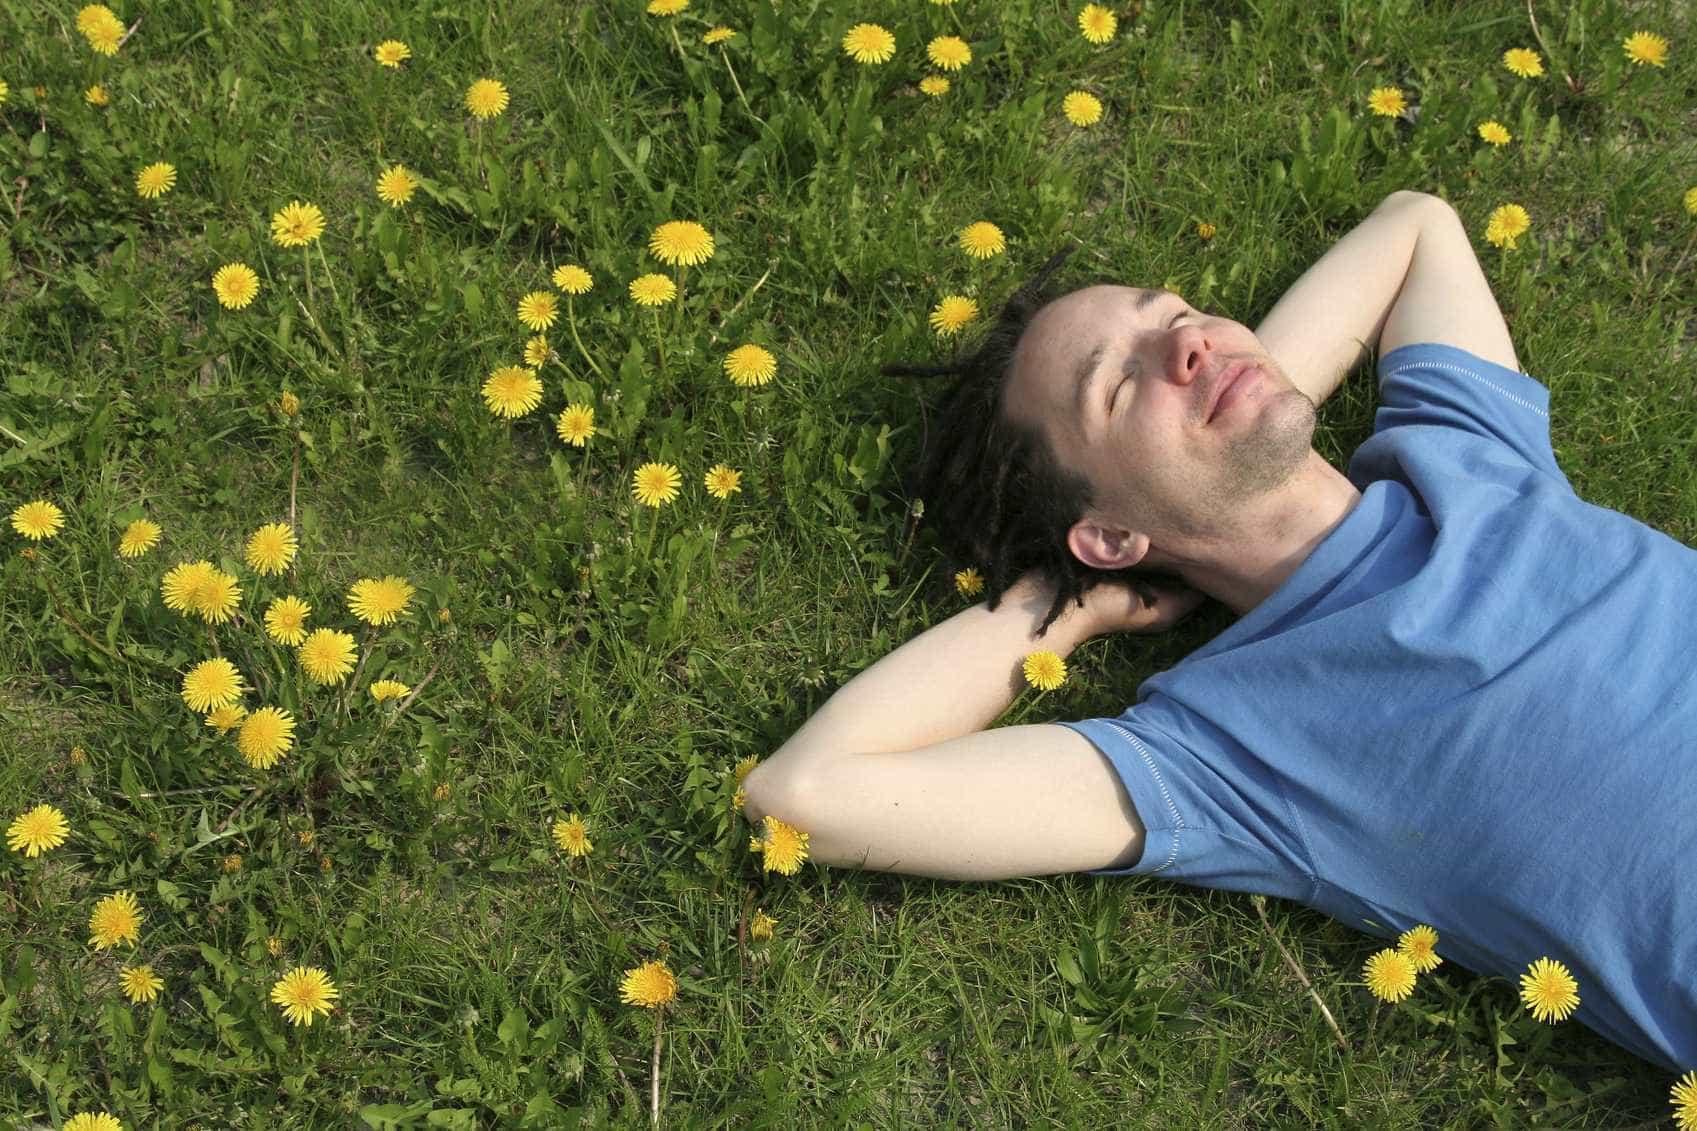 Depois do sol, será esta a melhor fonte de vitamina D?